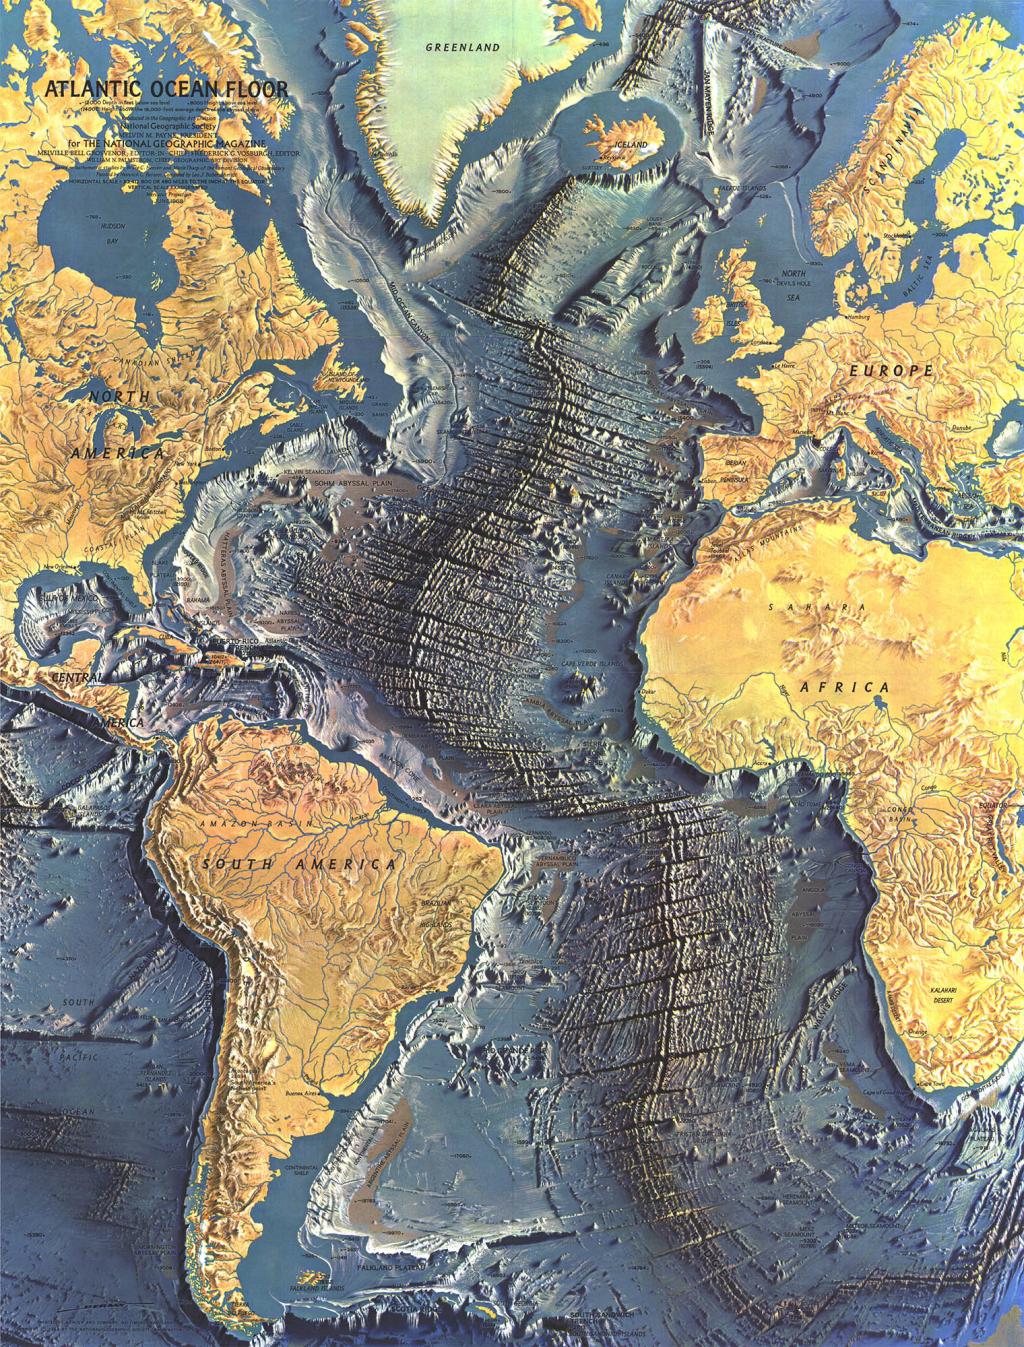 Mapcarte 78 365 Atlantic Ocean Floor By Heinrich Berann